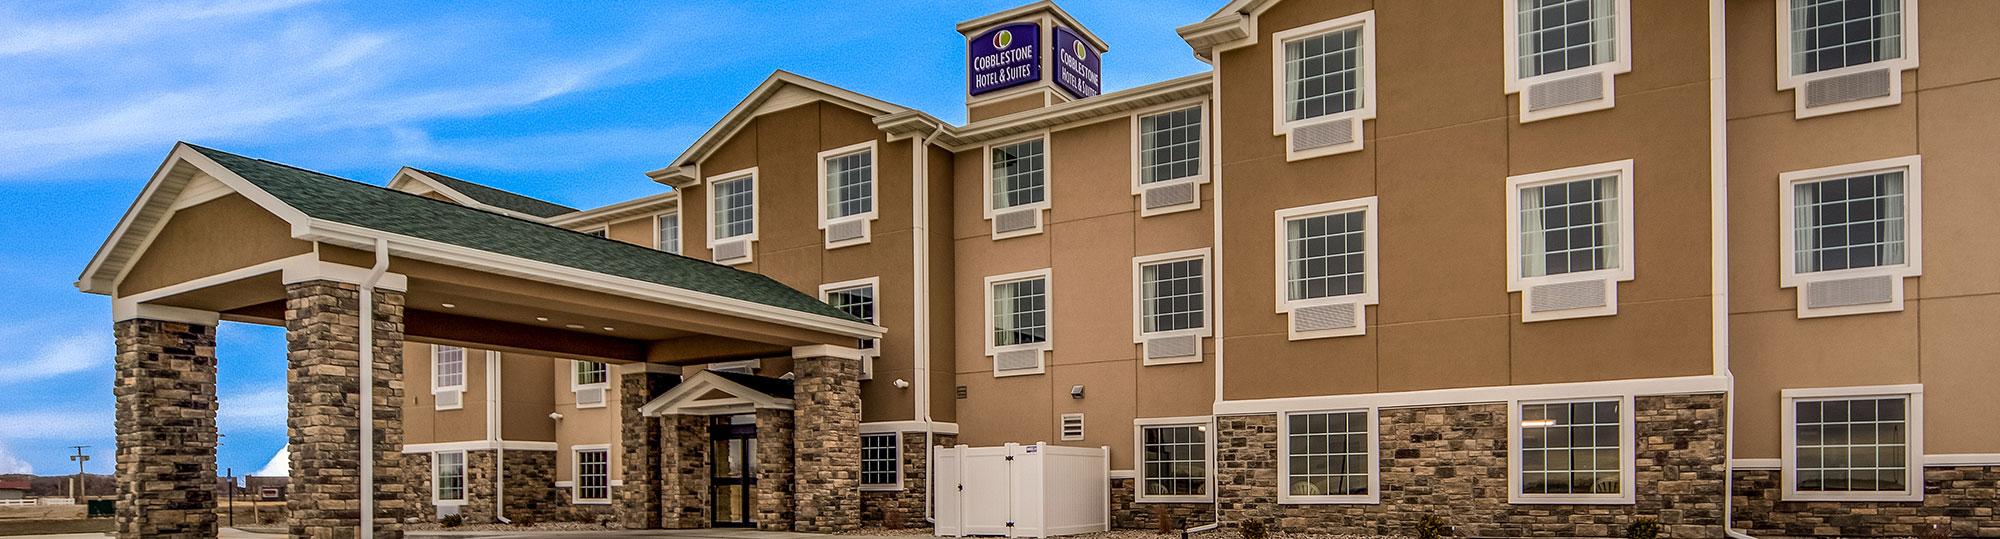 Cobblestone Hotel & Suites Cozad